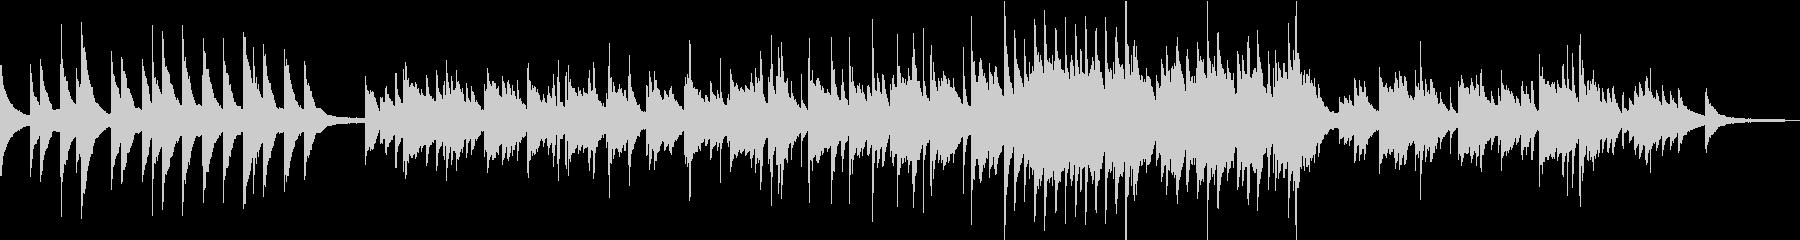 ピアノBGM 切ない映画のエンドロール の未再生の波形